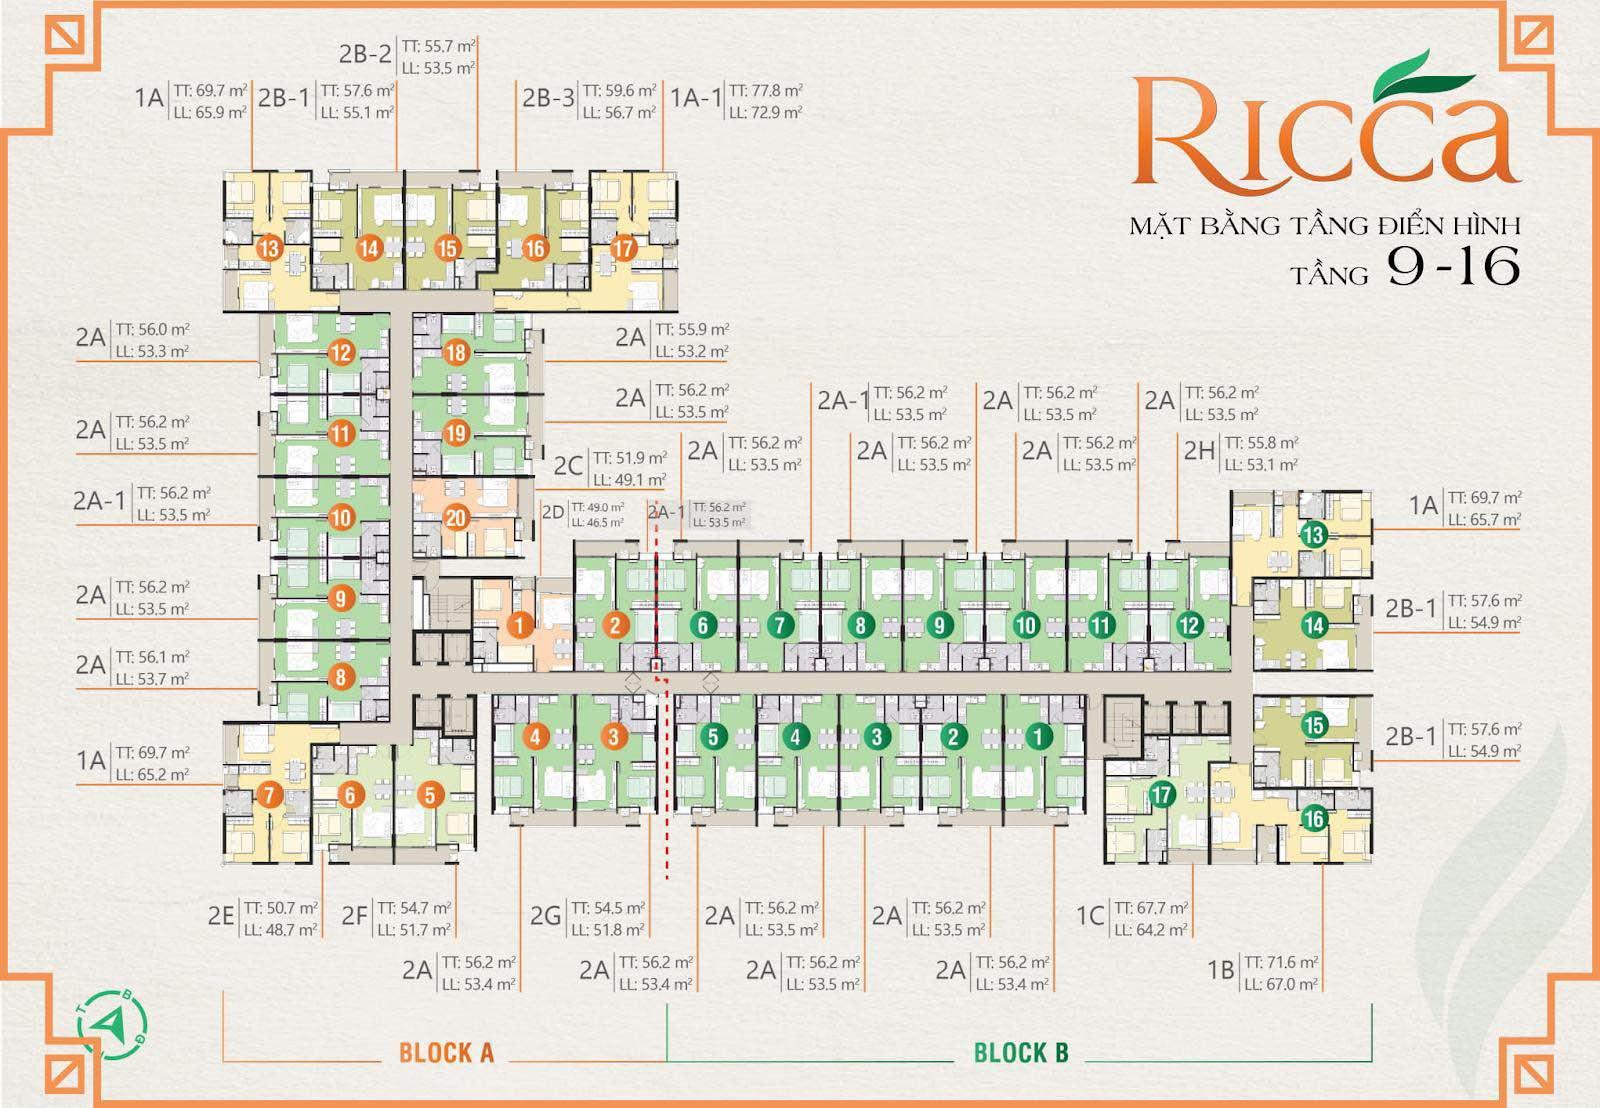 Mặt bằng chi tiết dự án căn hộ Ricca Quận 9 từ tầng 9 đến tầng 16